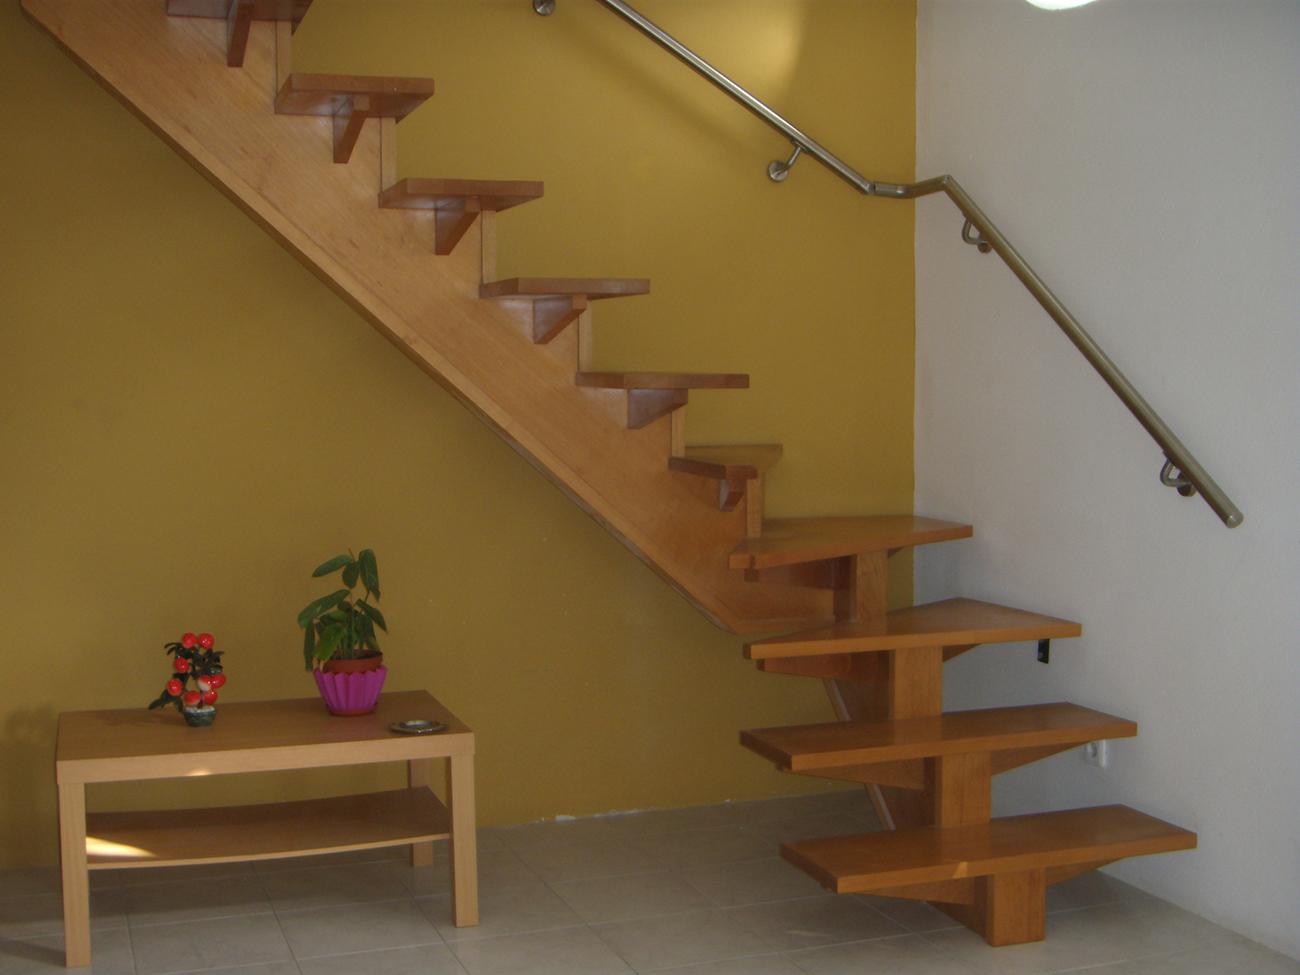 Escada em madeira várias madeiras a escolha por medida. #A52B26 1300x975